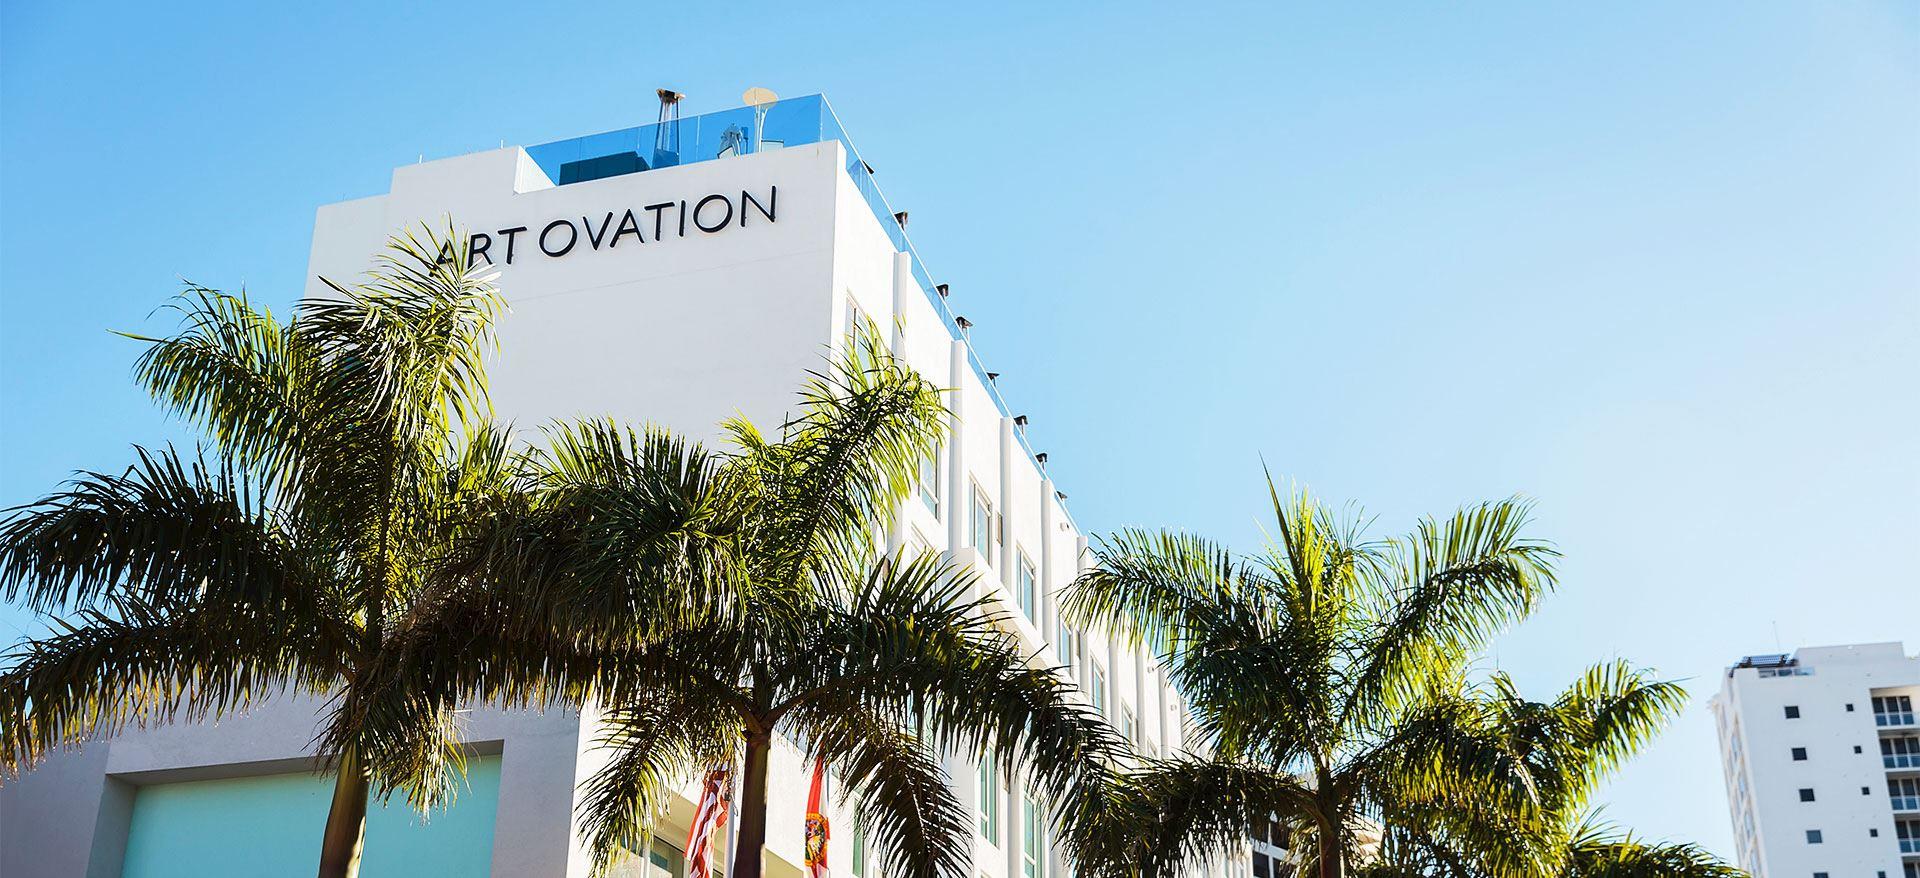 Art Ovation Hotel, Autograph Collection at Sarasota, Florida